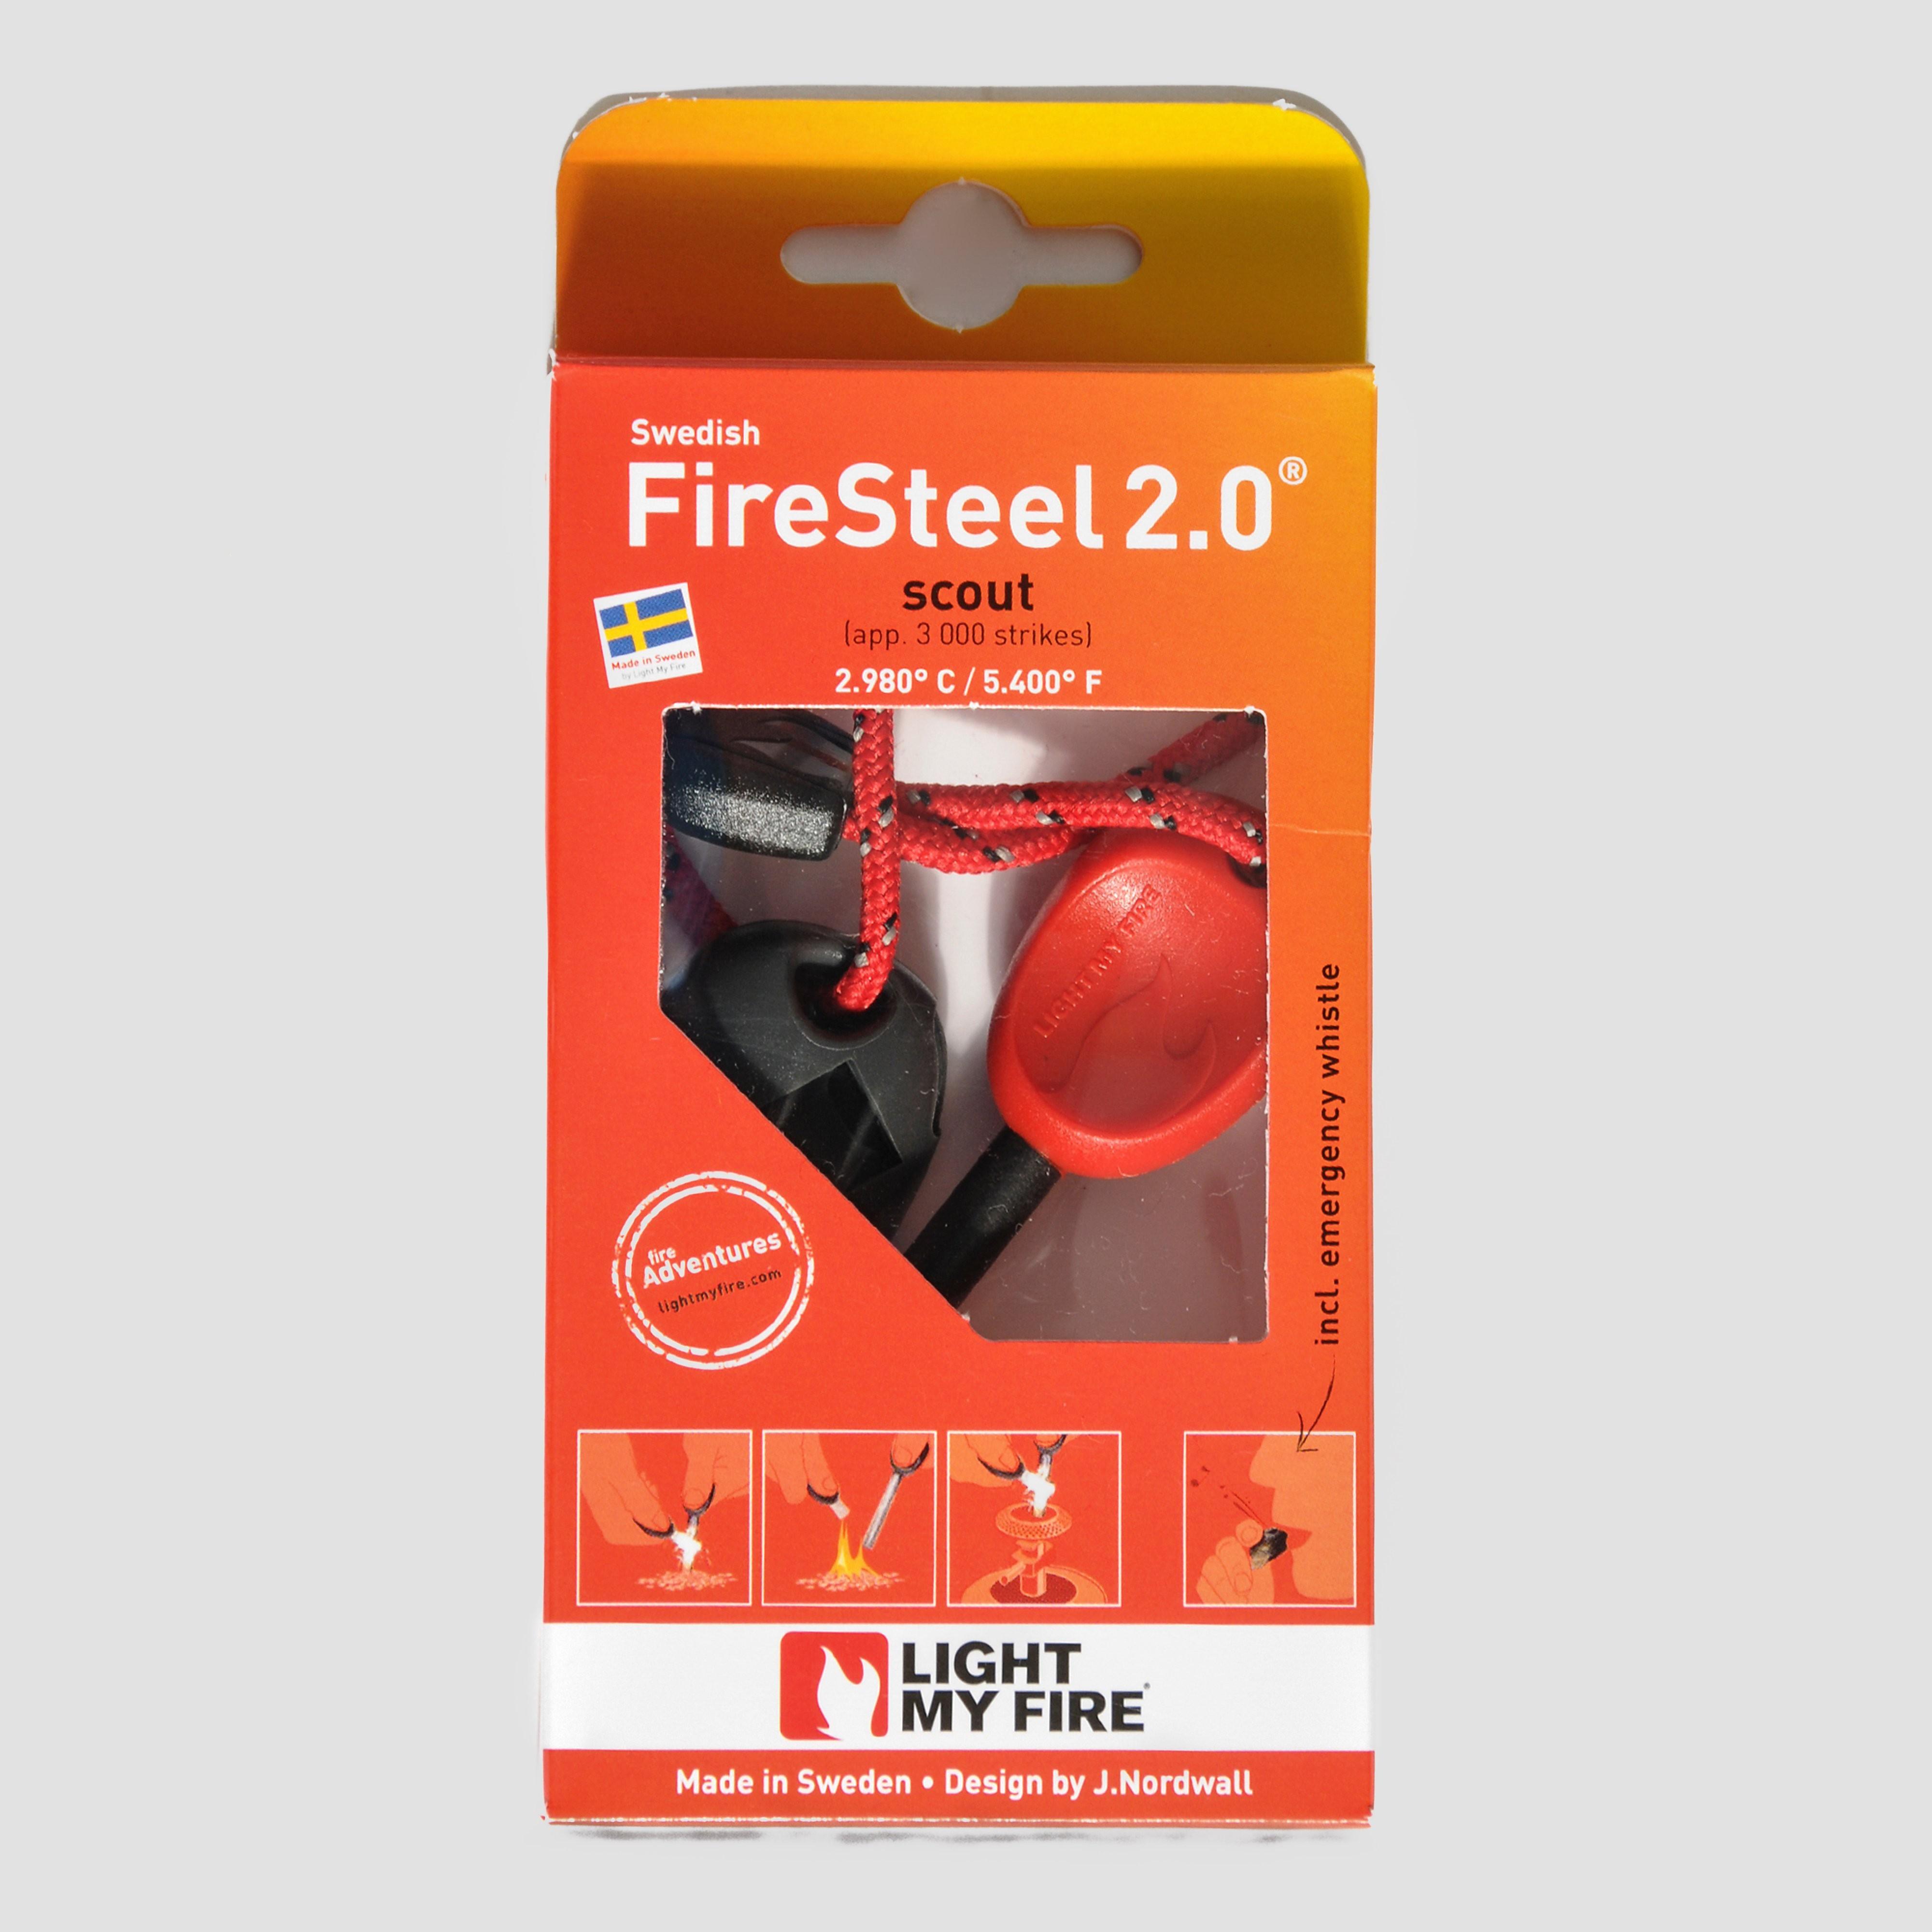 Light My Fire Swedish FireSteel 2.0 Scout Fire Starter